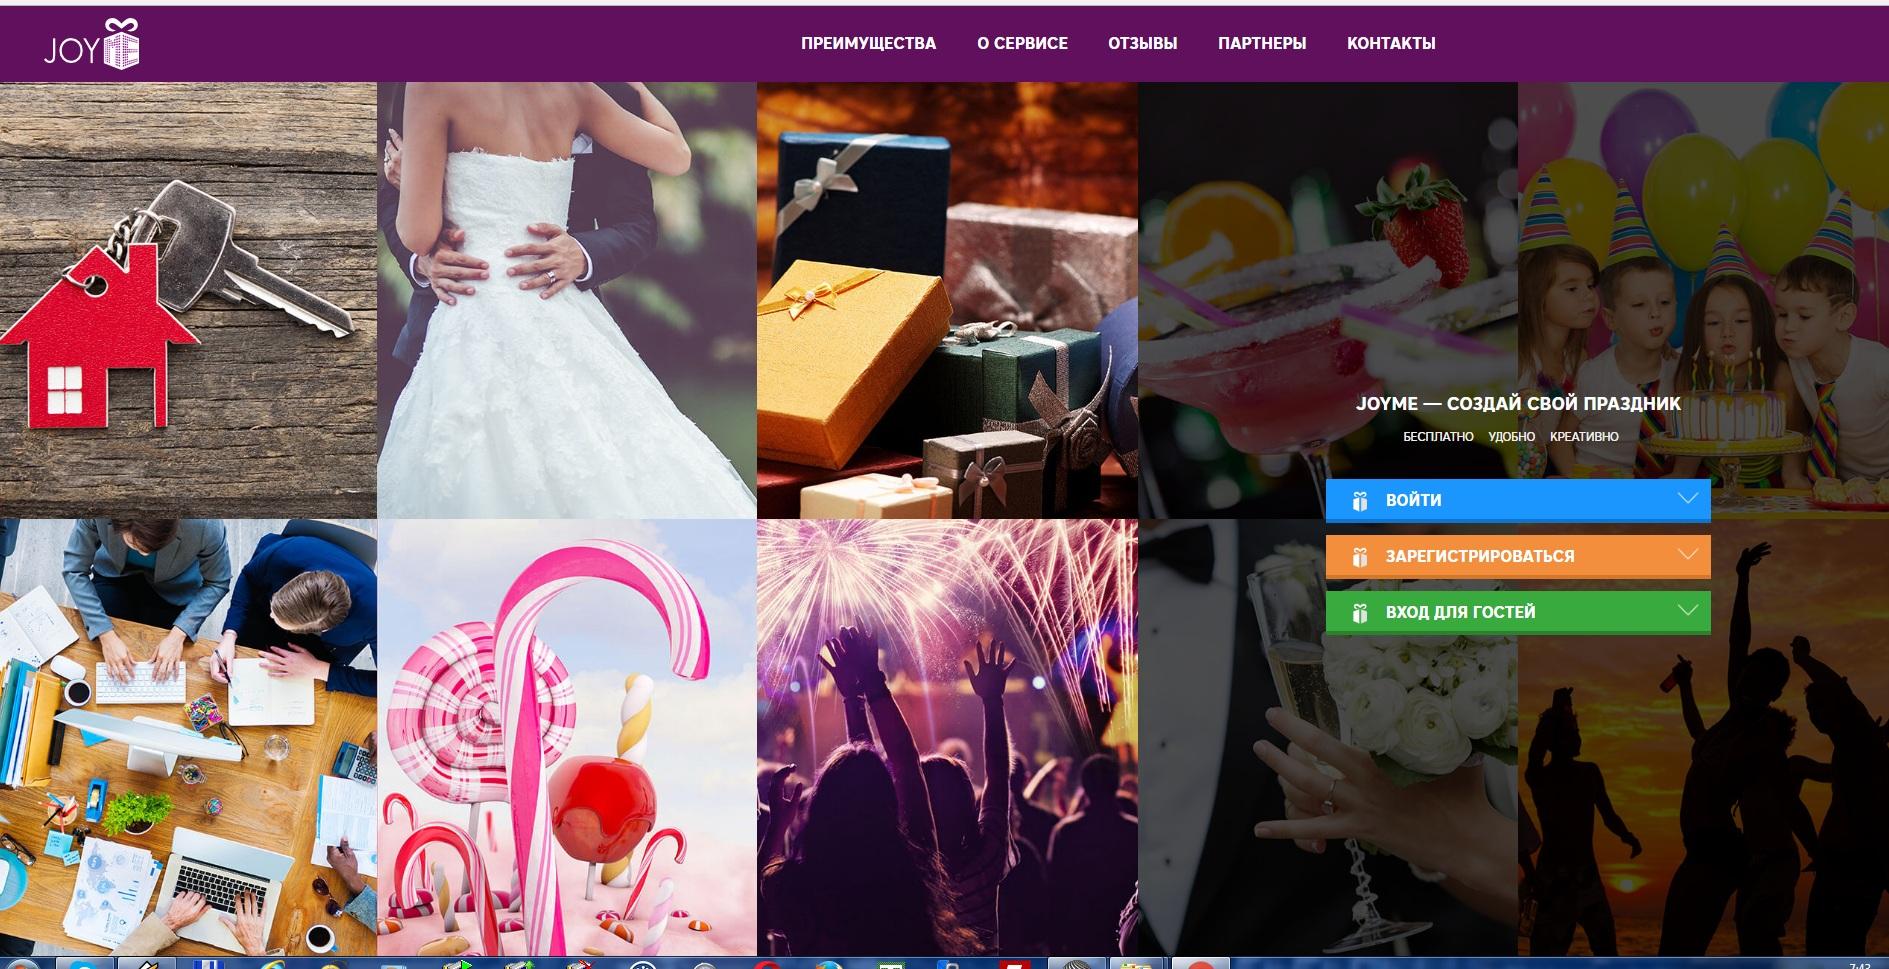 Фронтед Главной Страницы Для Сайта Организации Праздников и Подбора Подарков